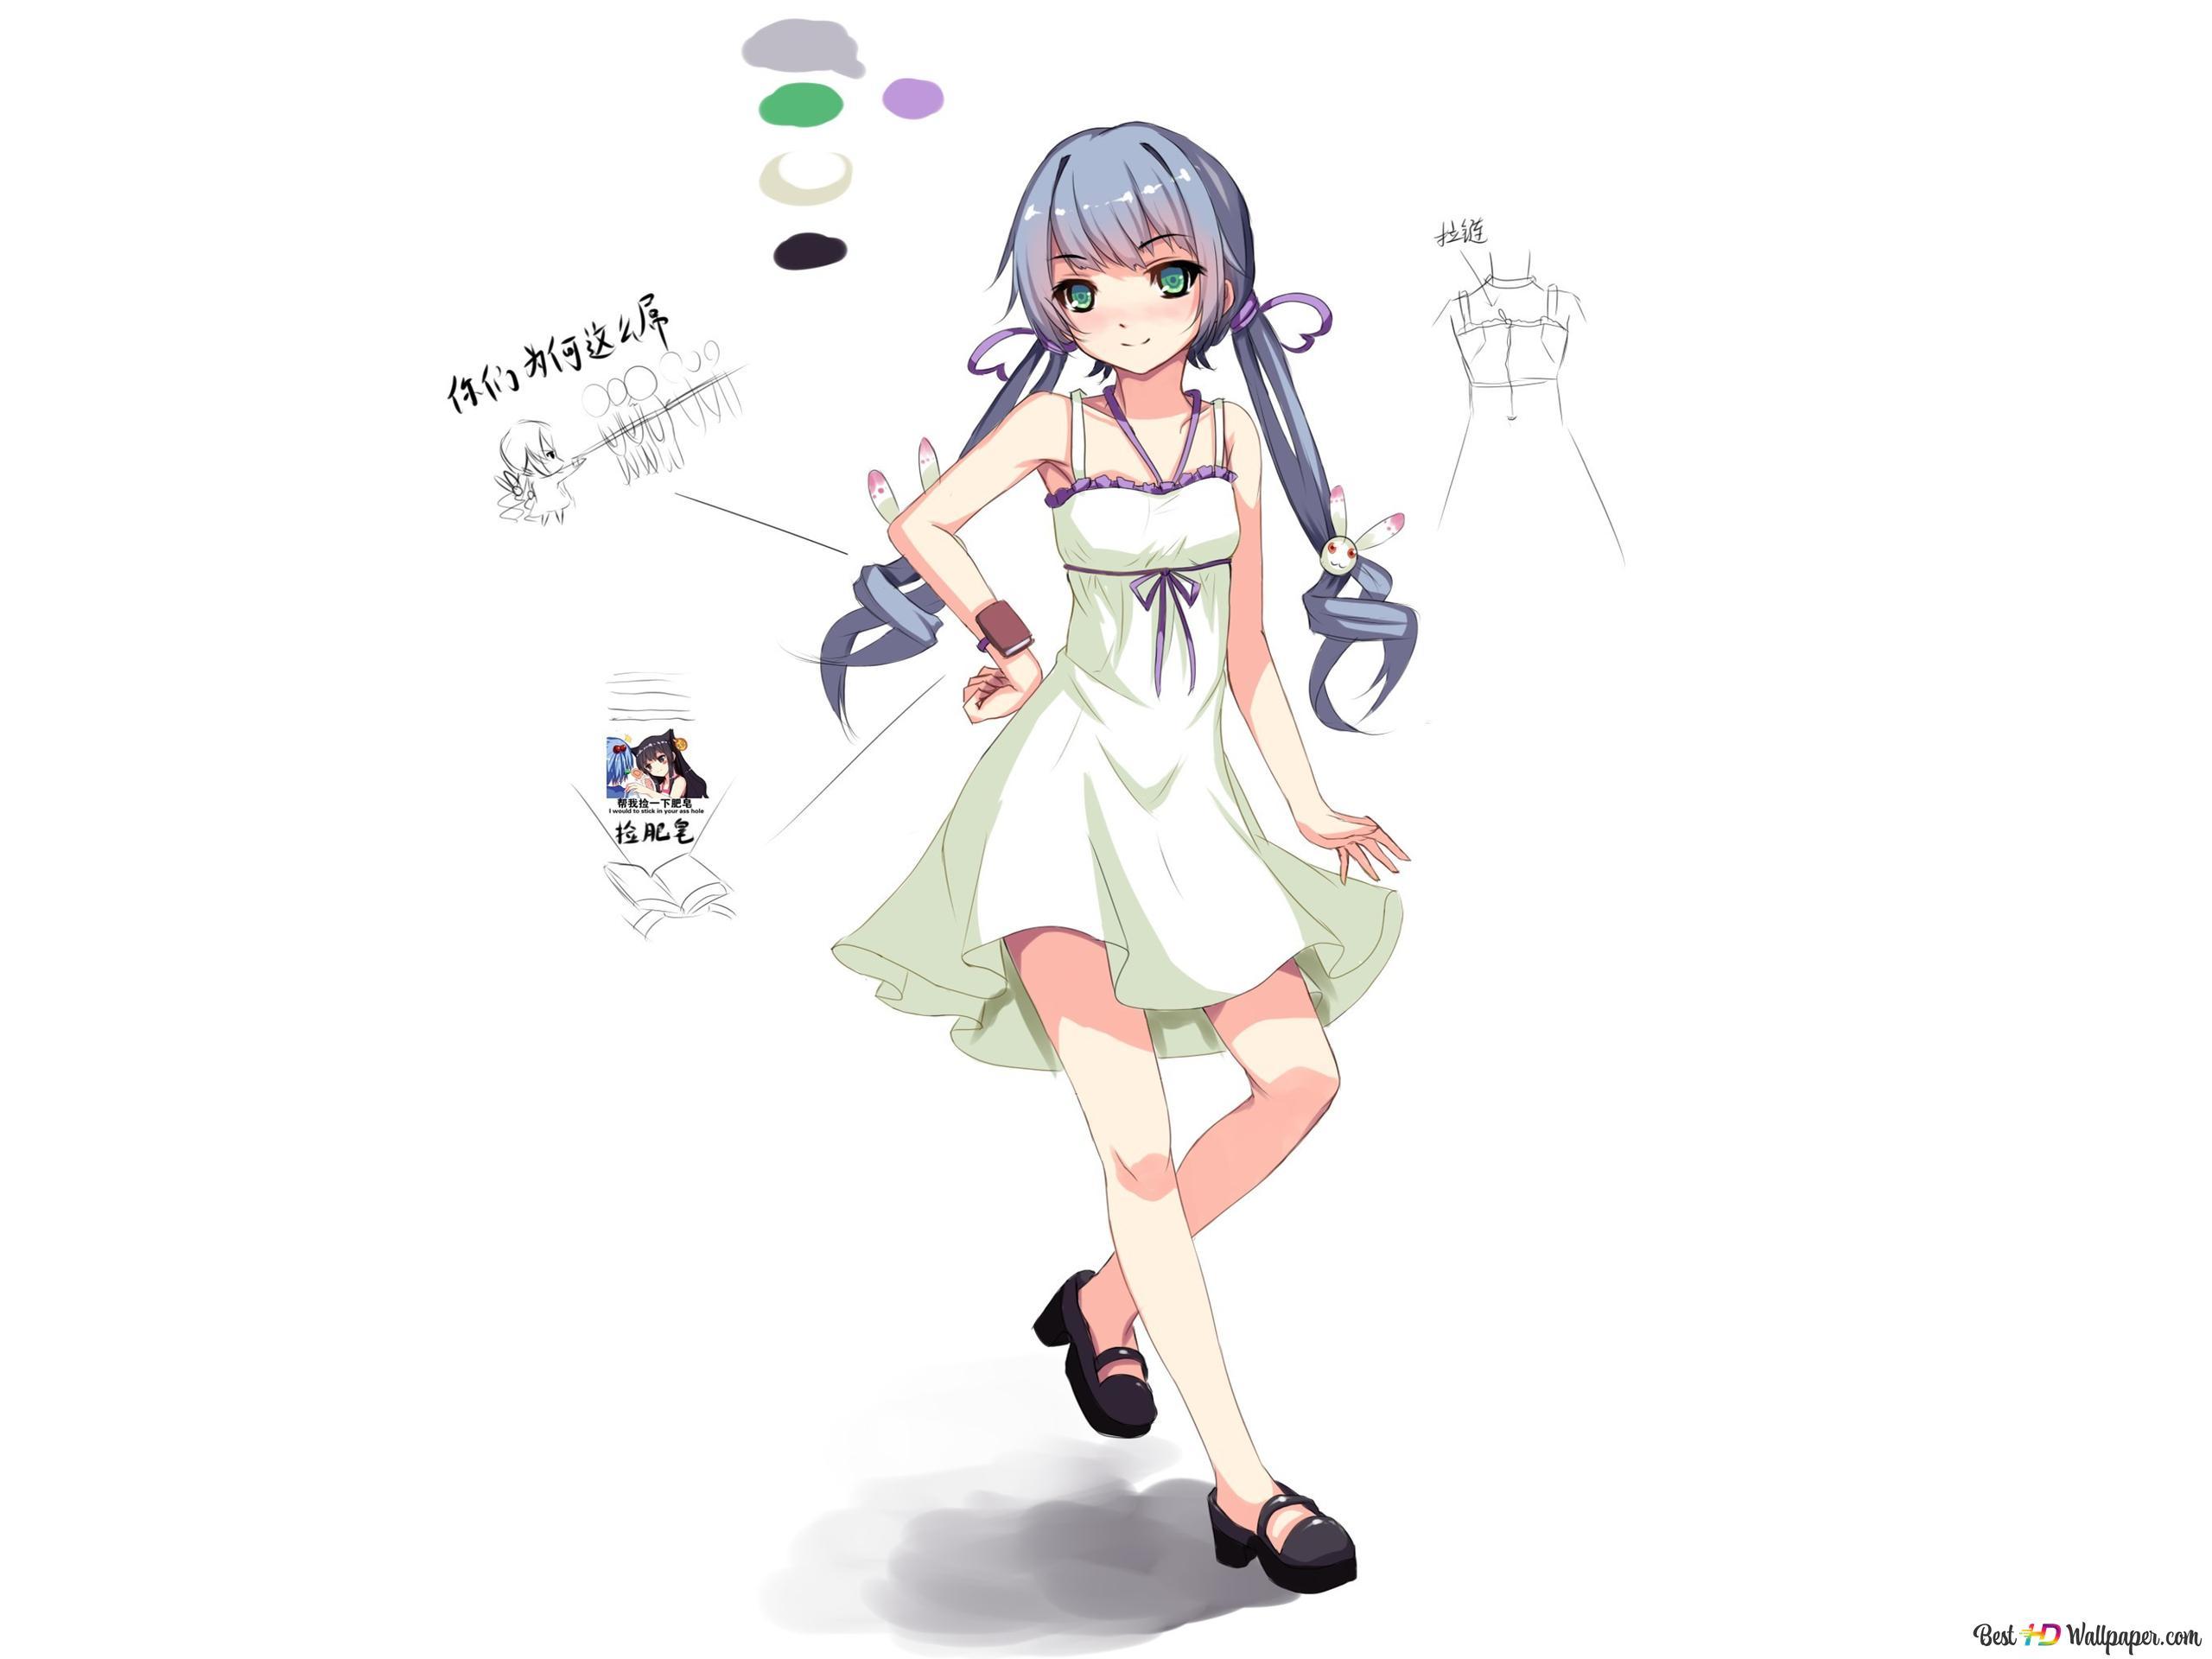 anime girl di gaun lucu wallpaper 2560x1920 10476 27